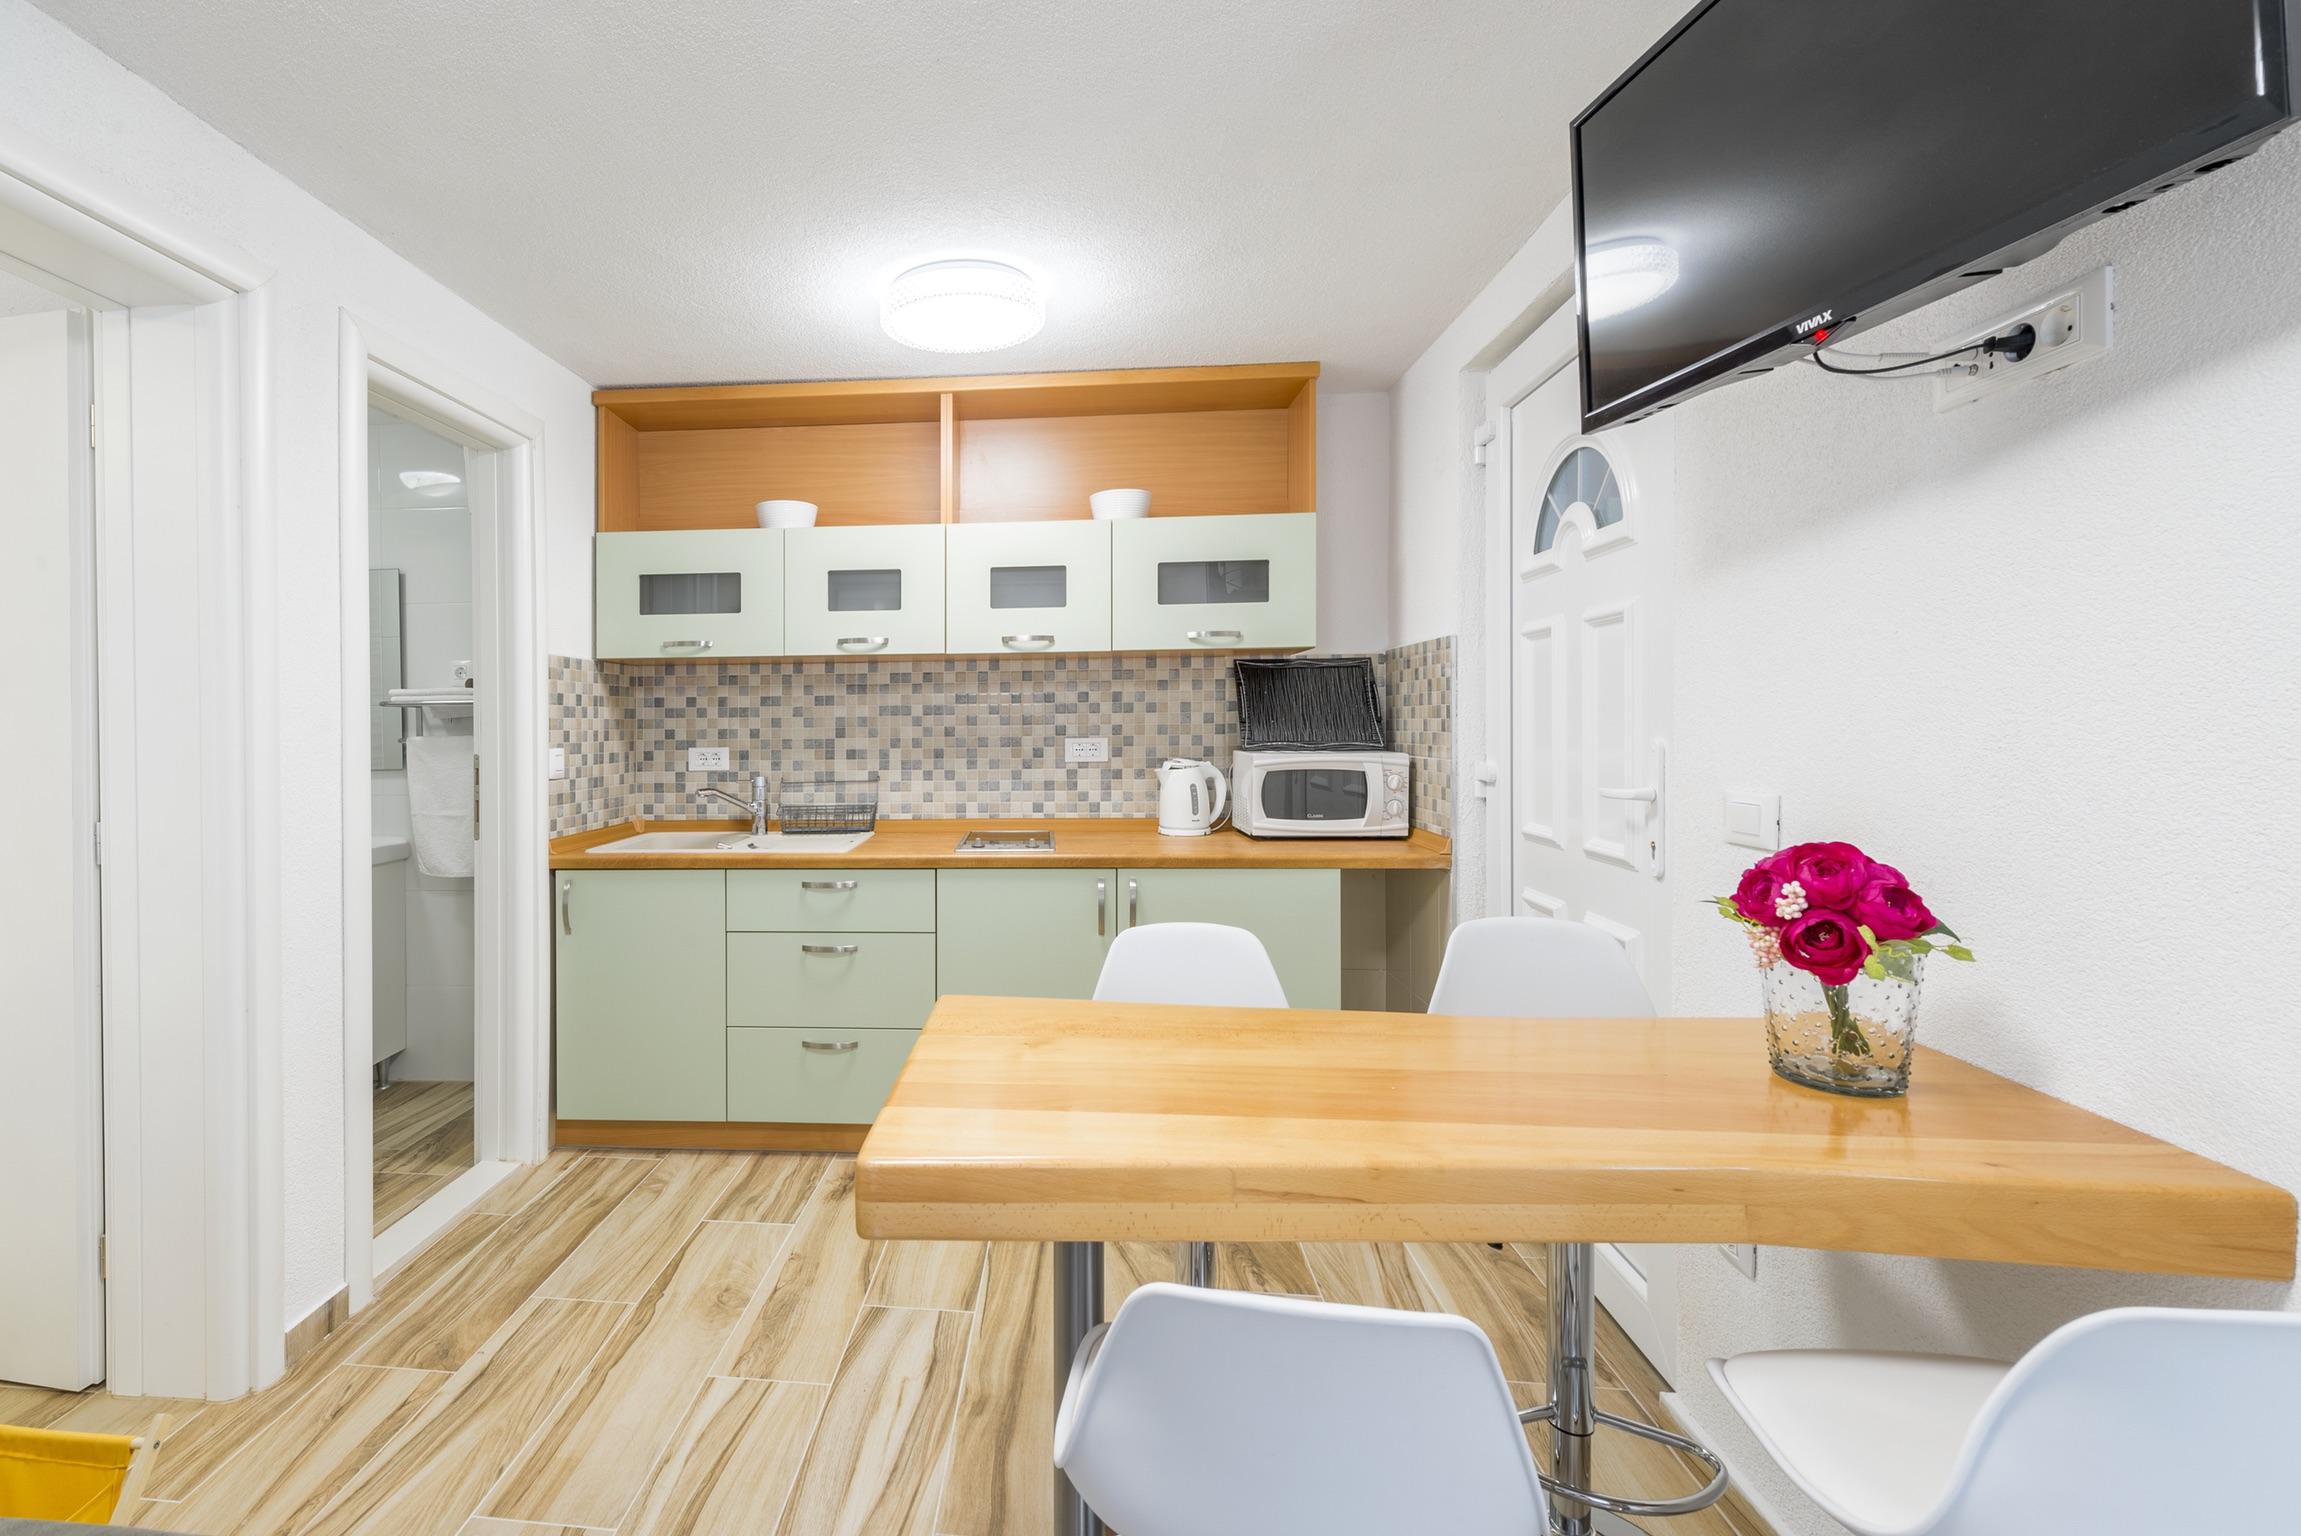 Ferienwohnung Wohnung mit 2 Zimmern in Baaka Voda mit herrlichem Meerblick, möblierter Terrasse und W-L (2201397), Baška Voda, , Dalmatien, Kroatien, Bild 5